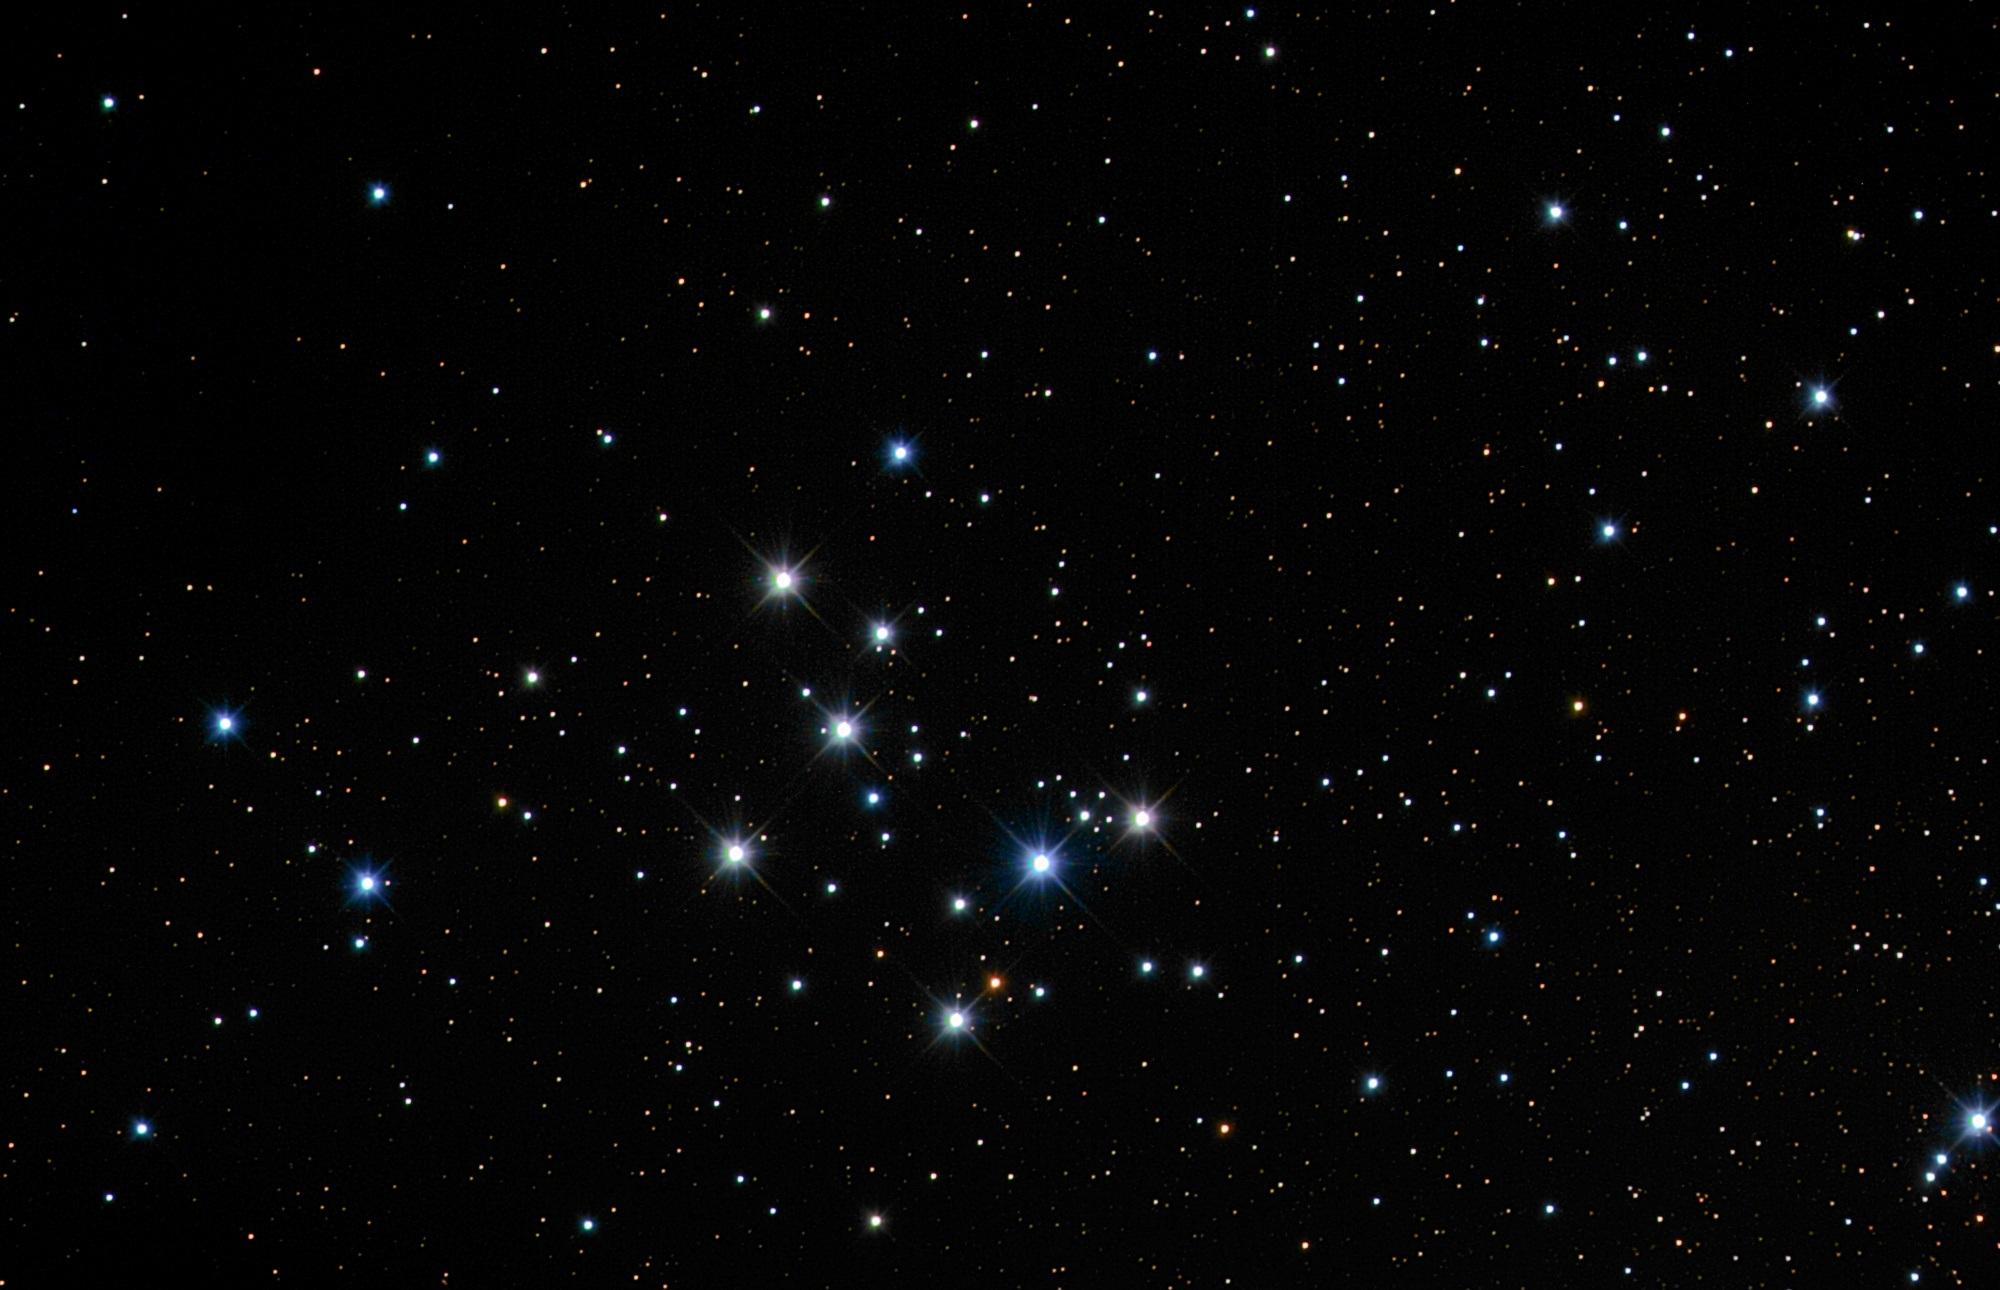 Картинки звезд западных